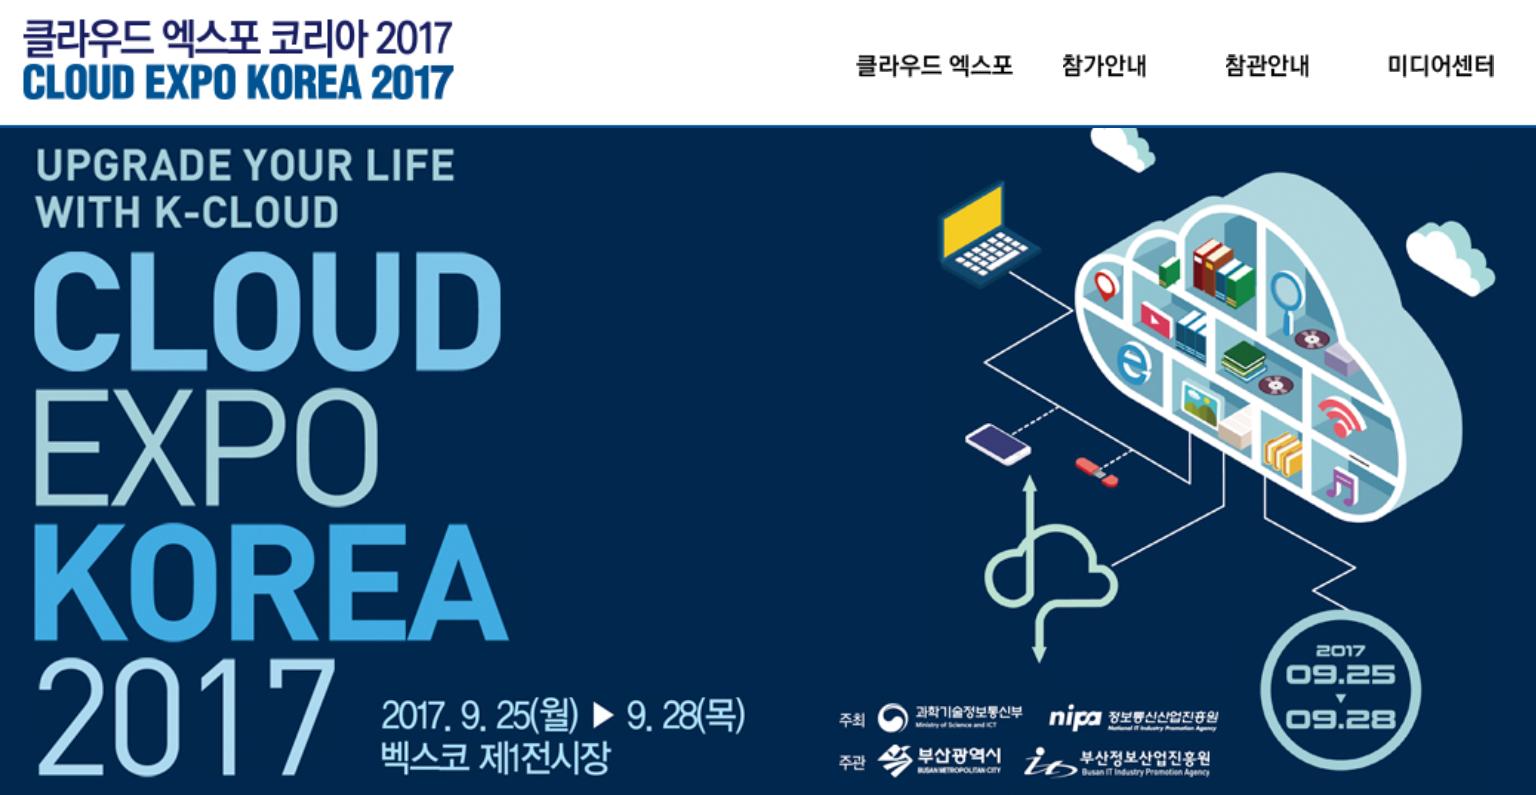 맨텍 MDRM, 2017 클라우드 EXPO를 가다!